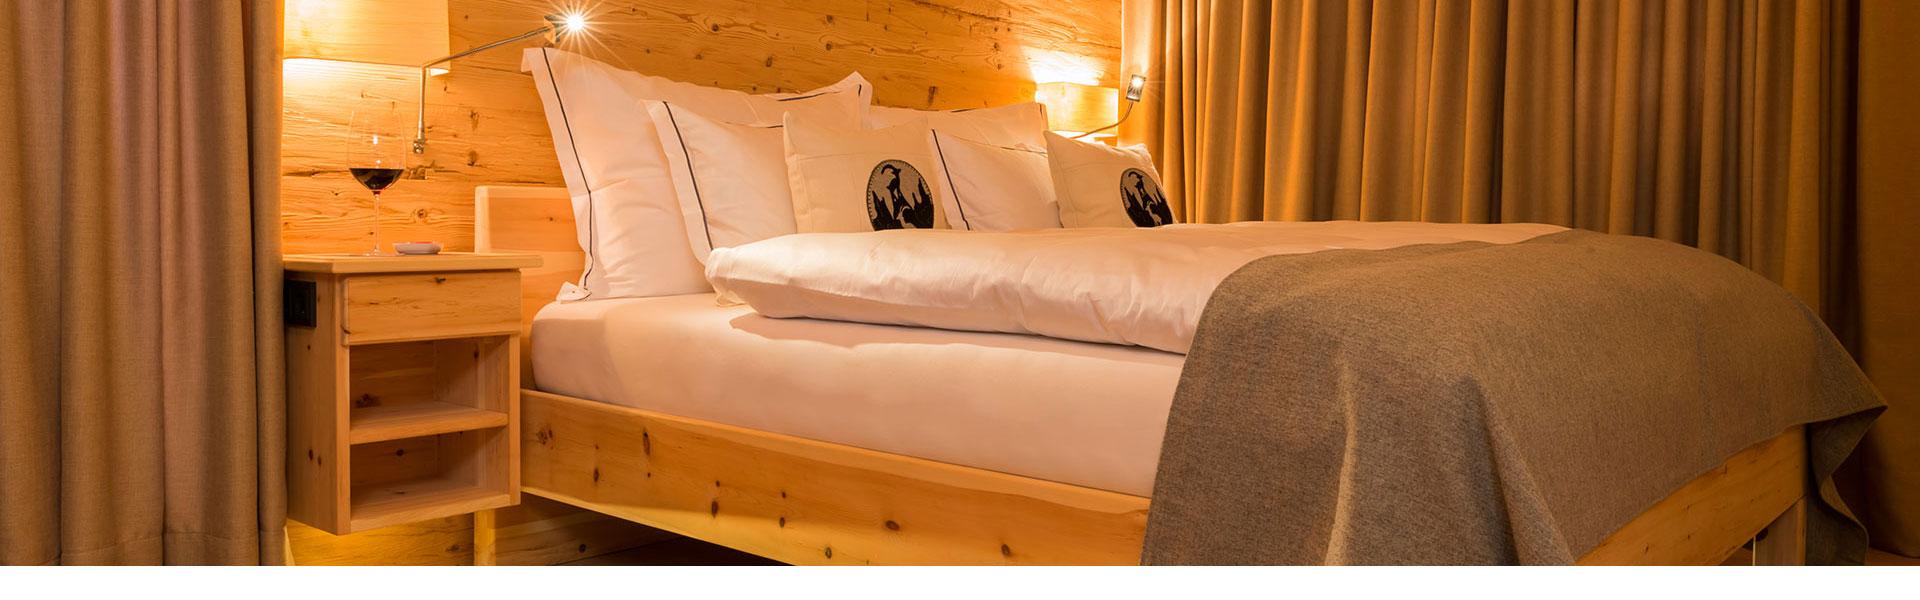 Barrierefreies Bett - designed von gabana - der Agentur für Barrierefreiheit